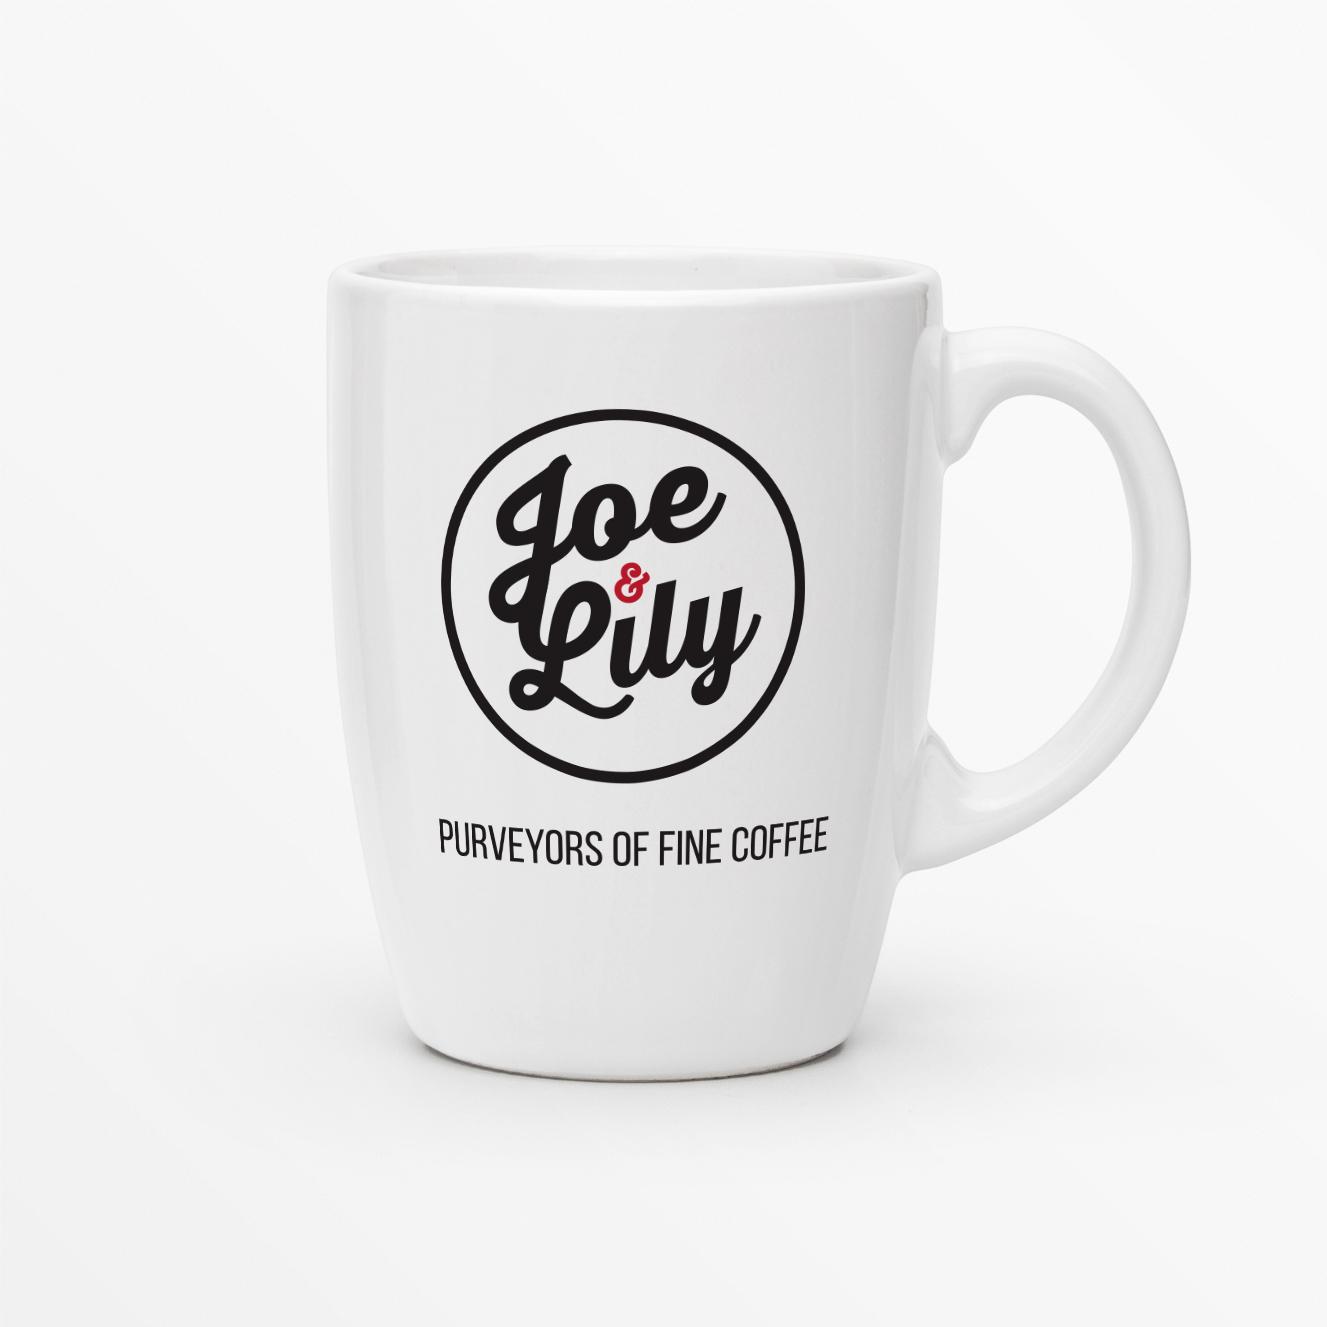 Joe & Lily (2).jpg